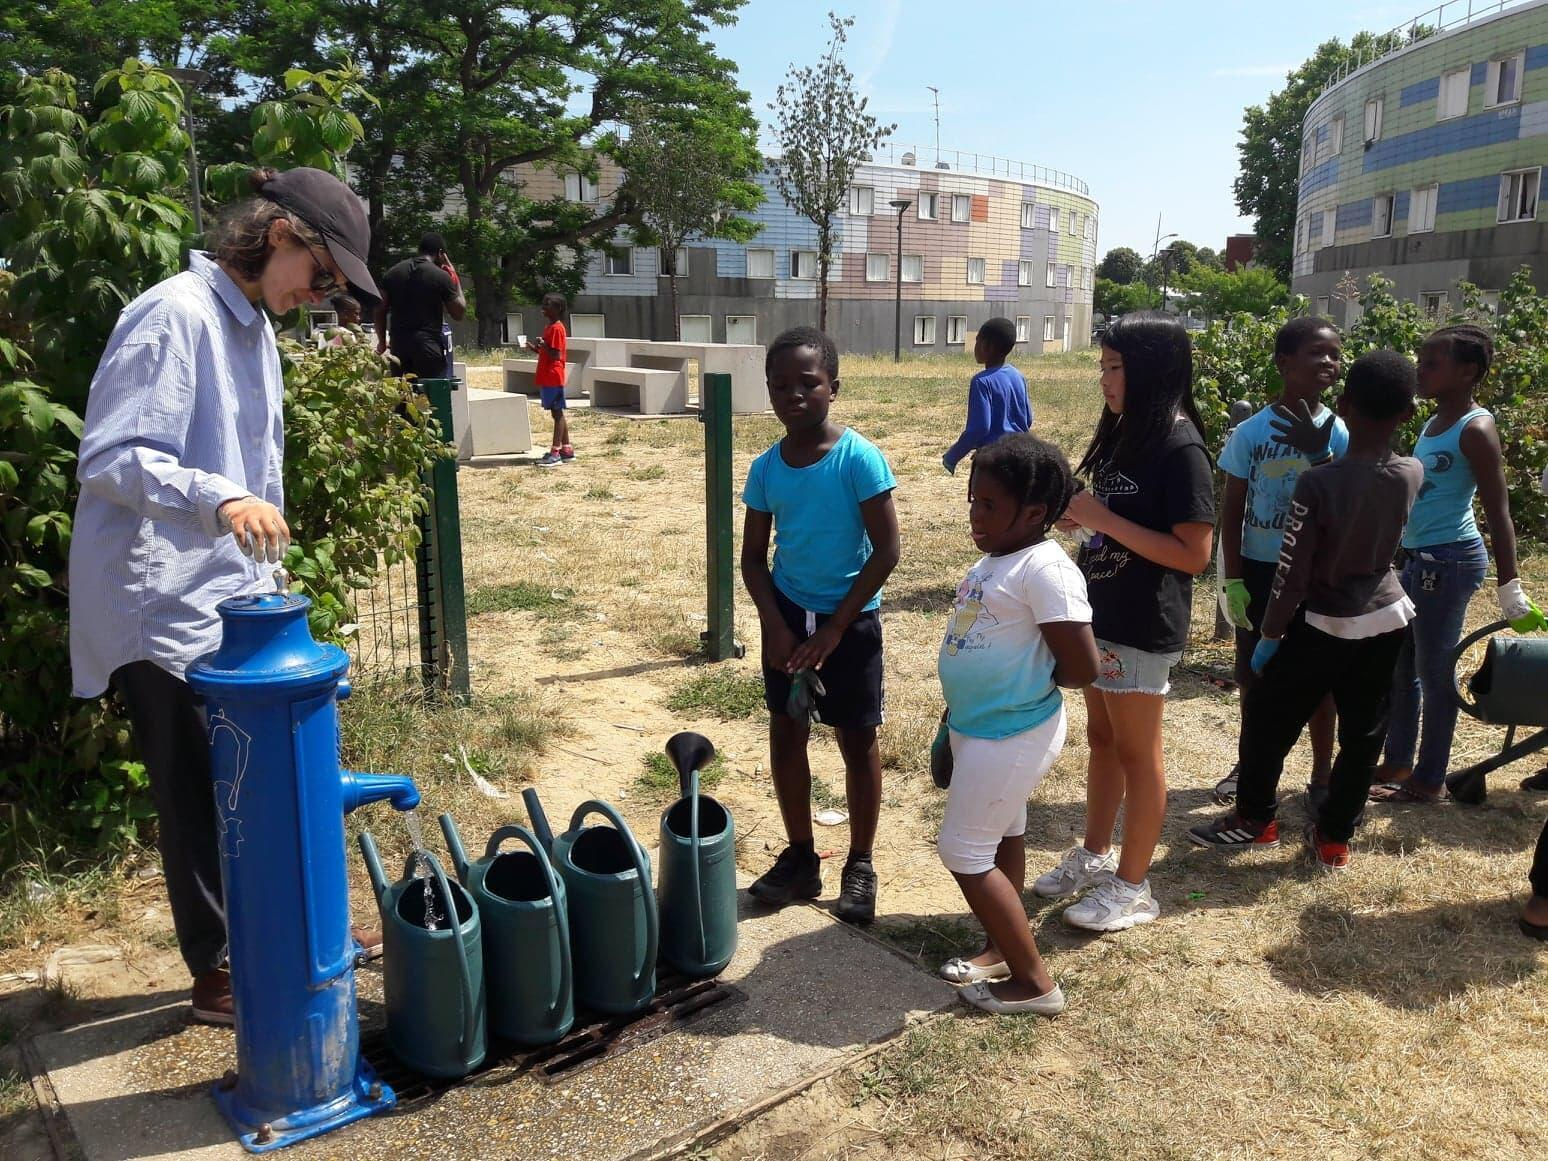 Los niños participan activamente en este jardín de La Grande Borne.